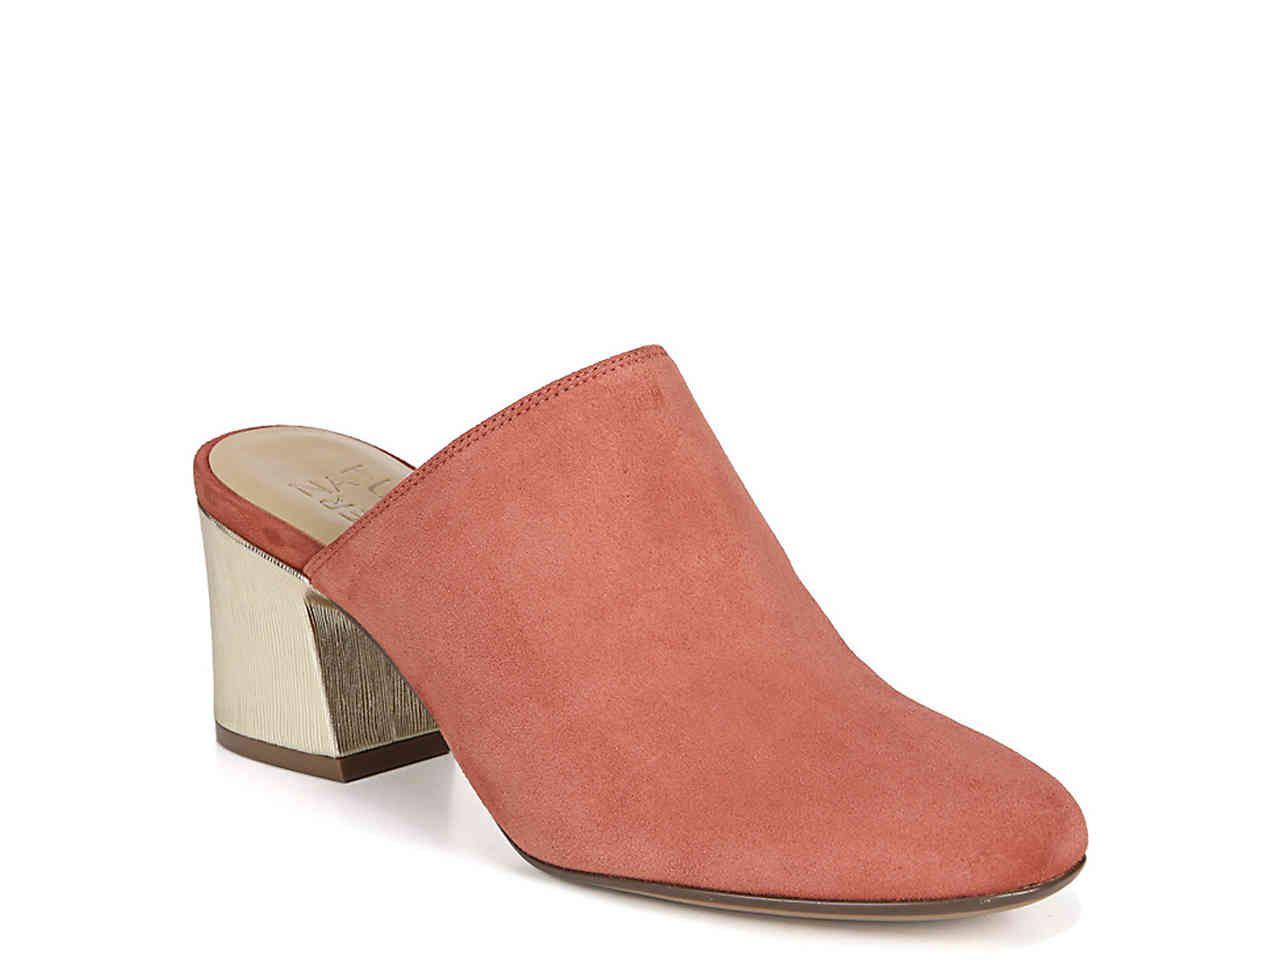 Naturalizer Daria Mule | Shoes